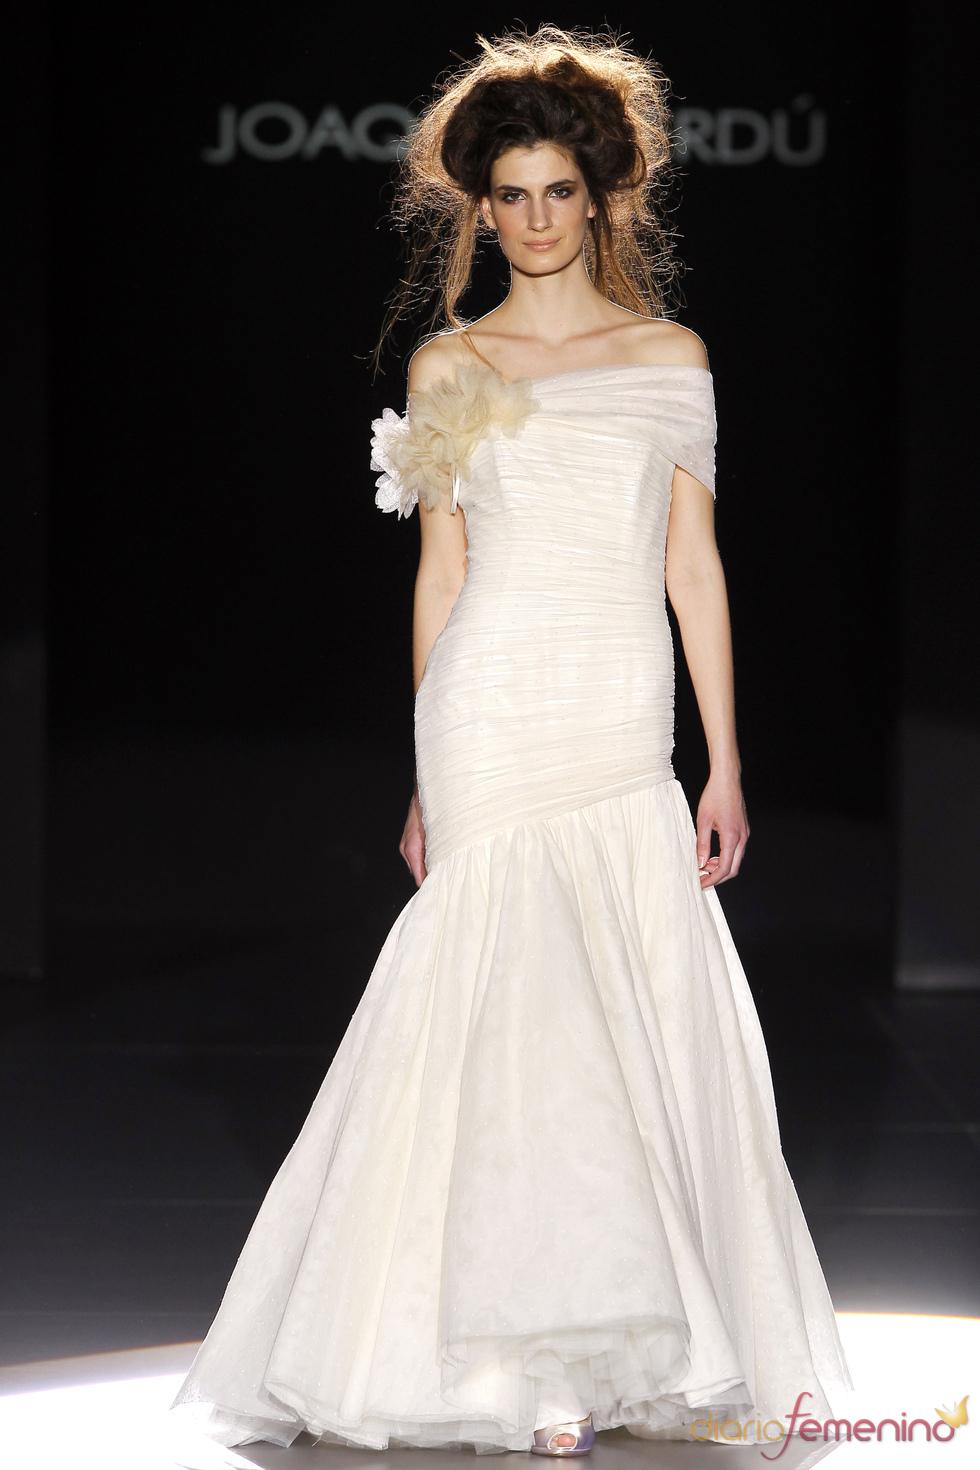 Vestido de novia con hombros al descubierto de Joaquim Verdú